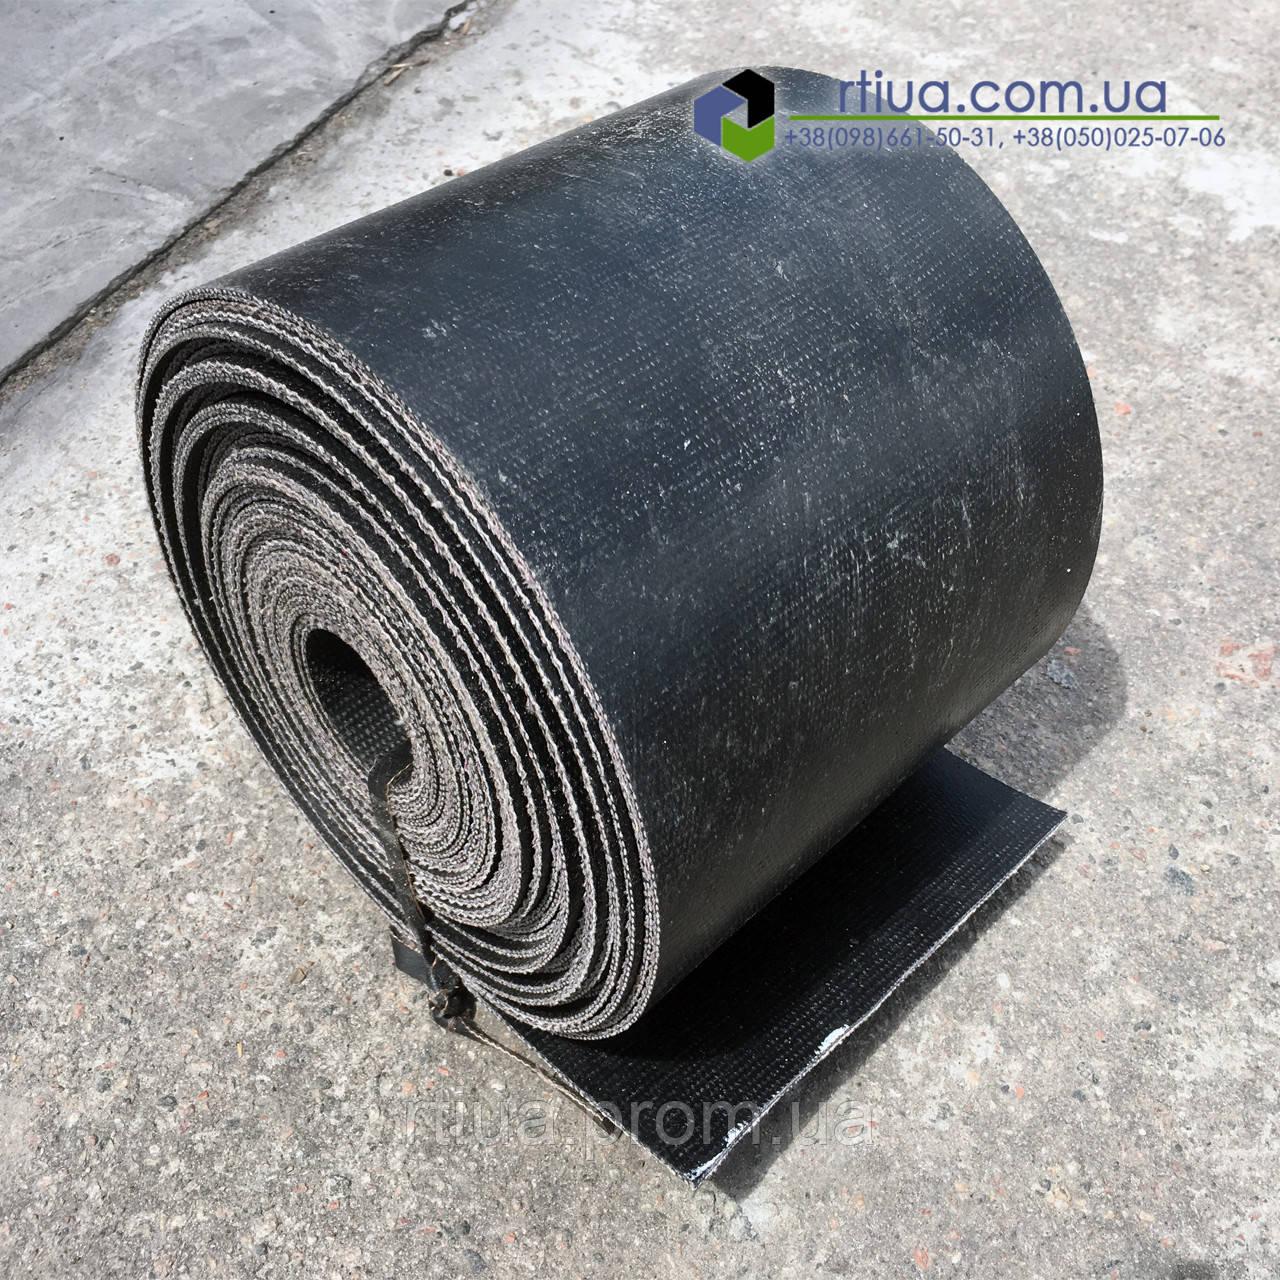 Транспортерная лента БКНЛ, 200х6 мм